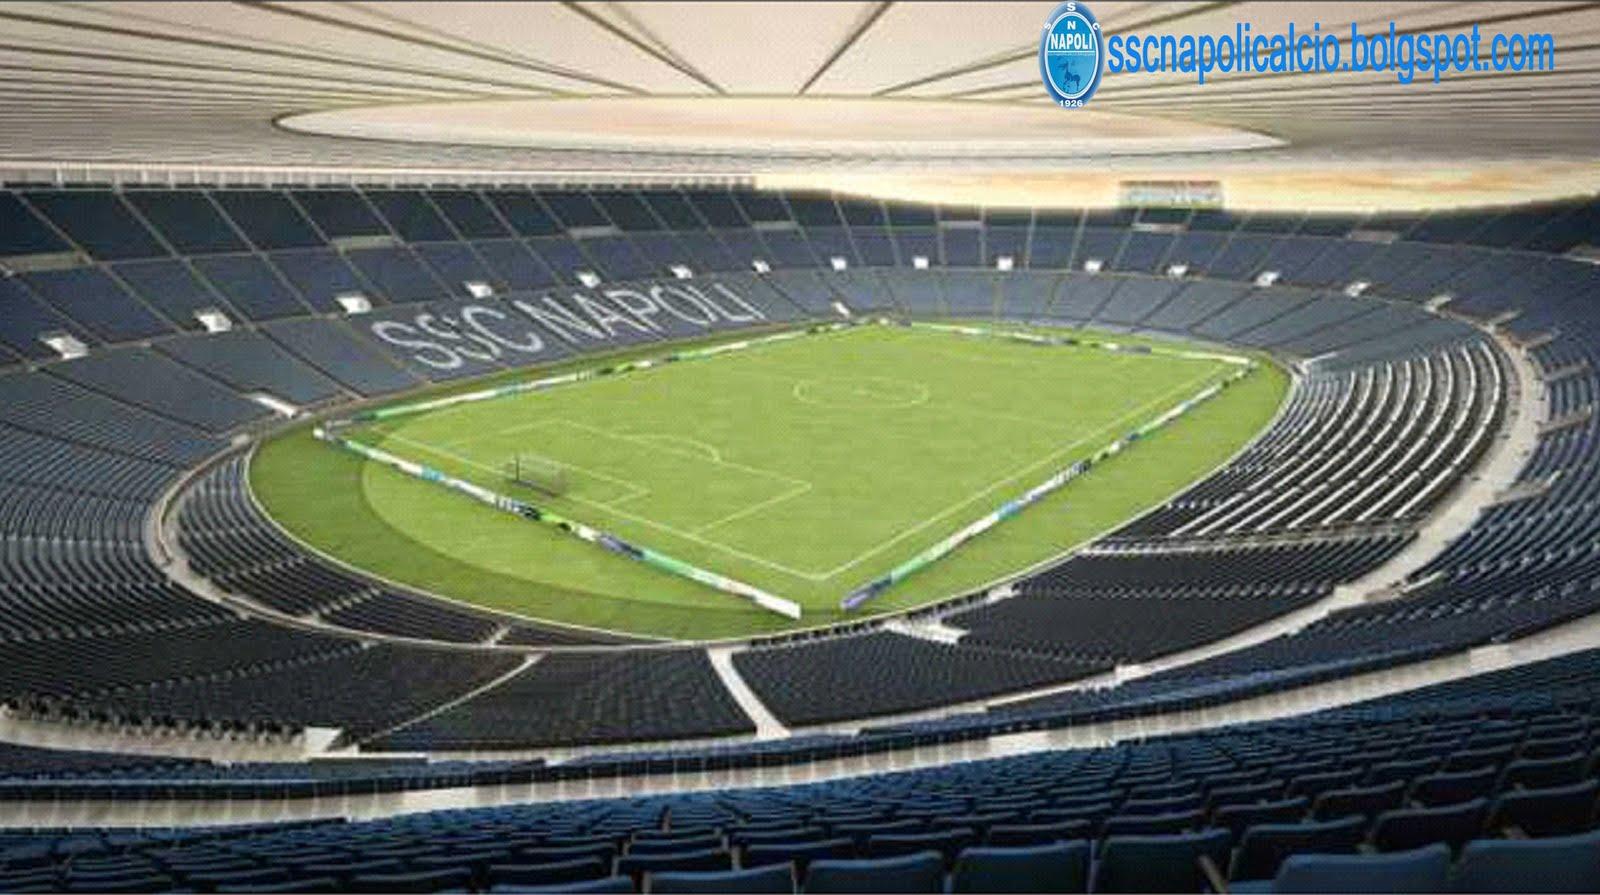 Campionato 2034-2035: in attesa del restyling del San Paolo, il Napoli gioca sempre fuori casa